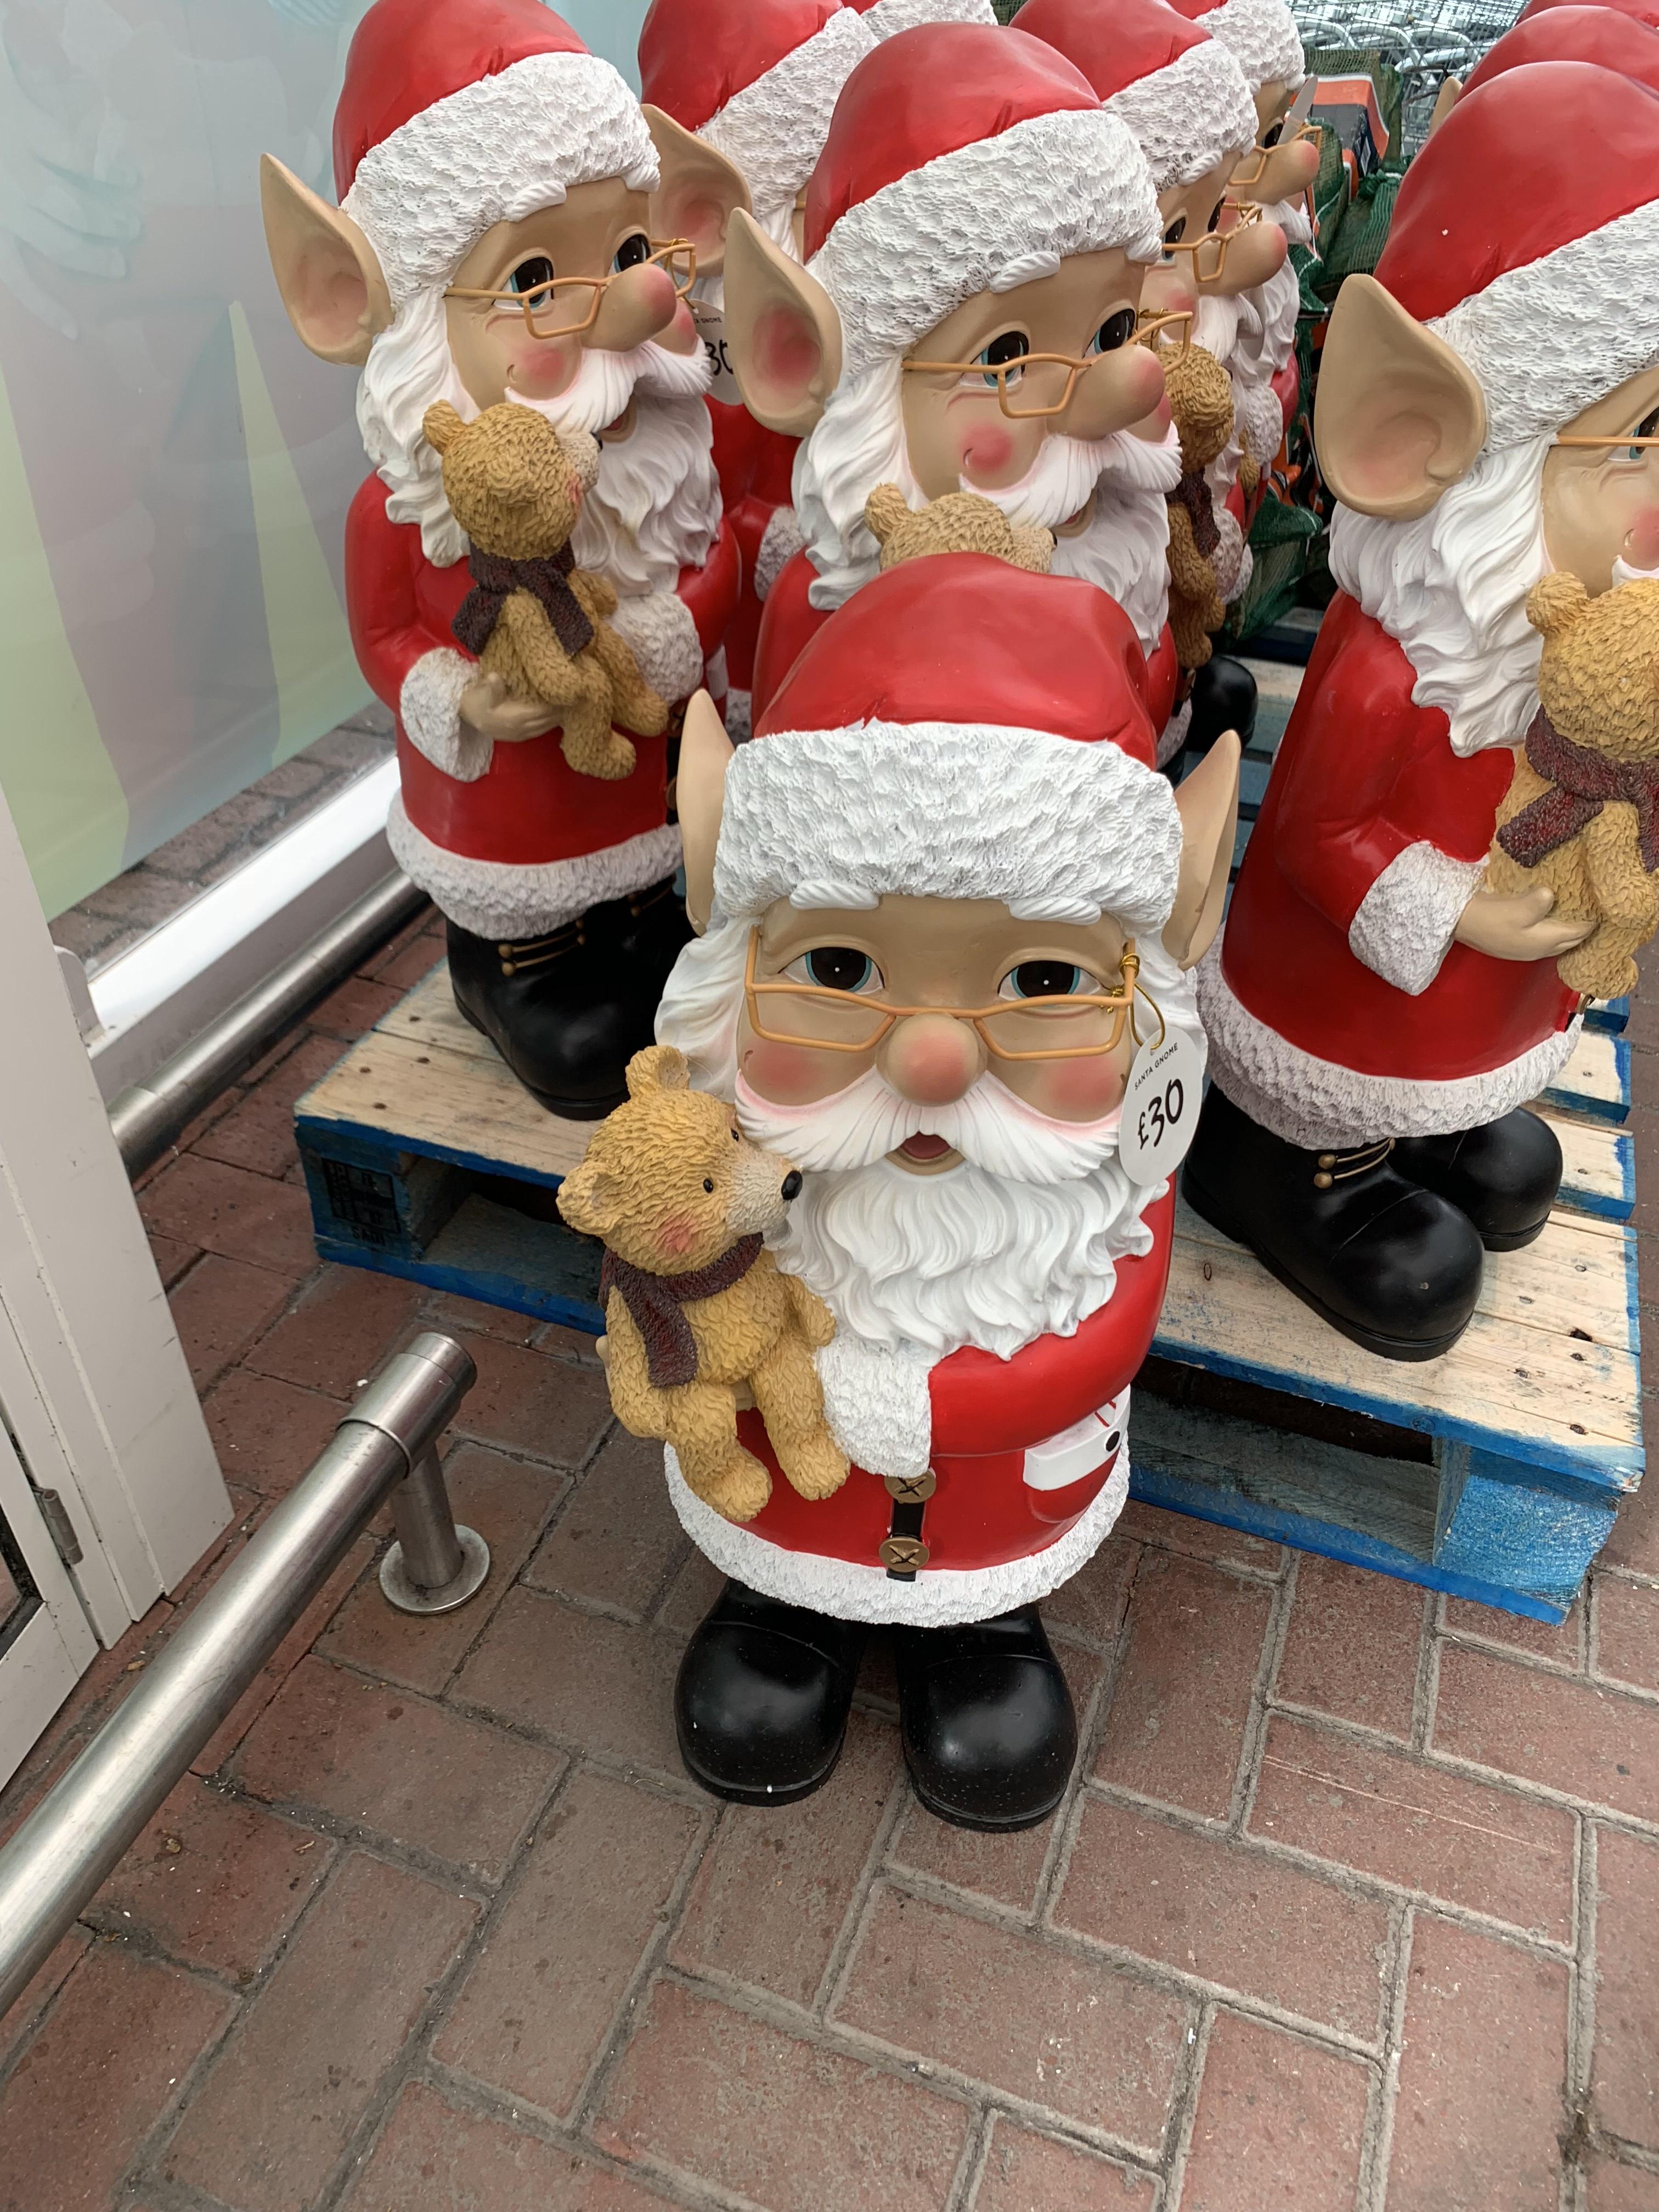 Santa Gnomes instore at Asda Cardff for £30